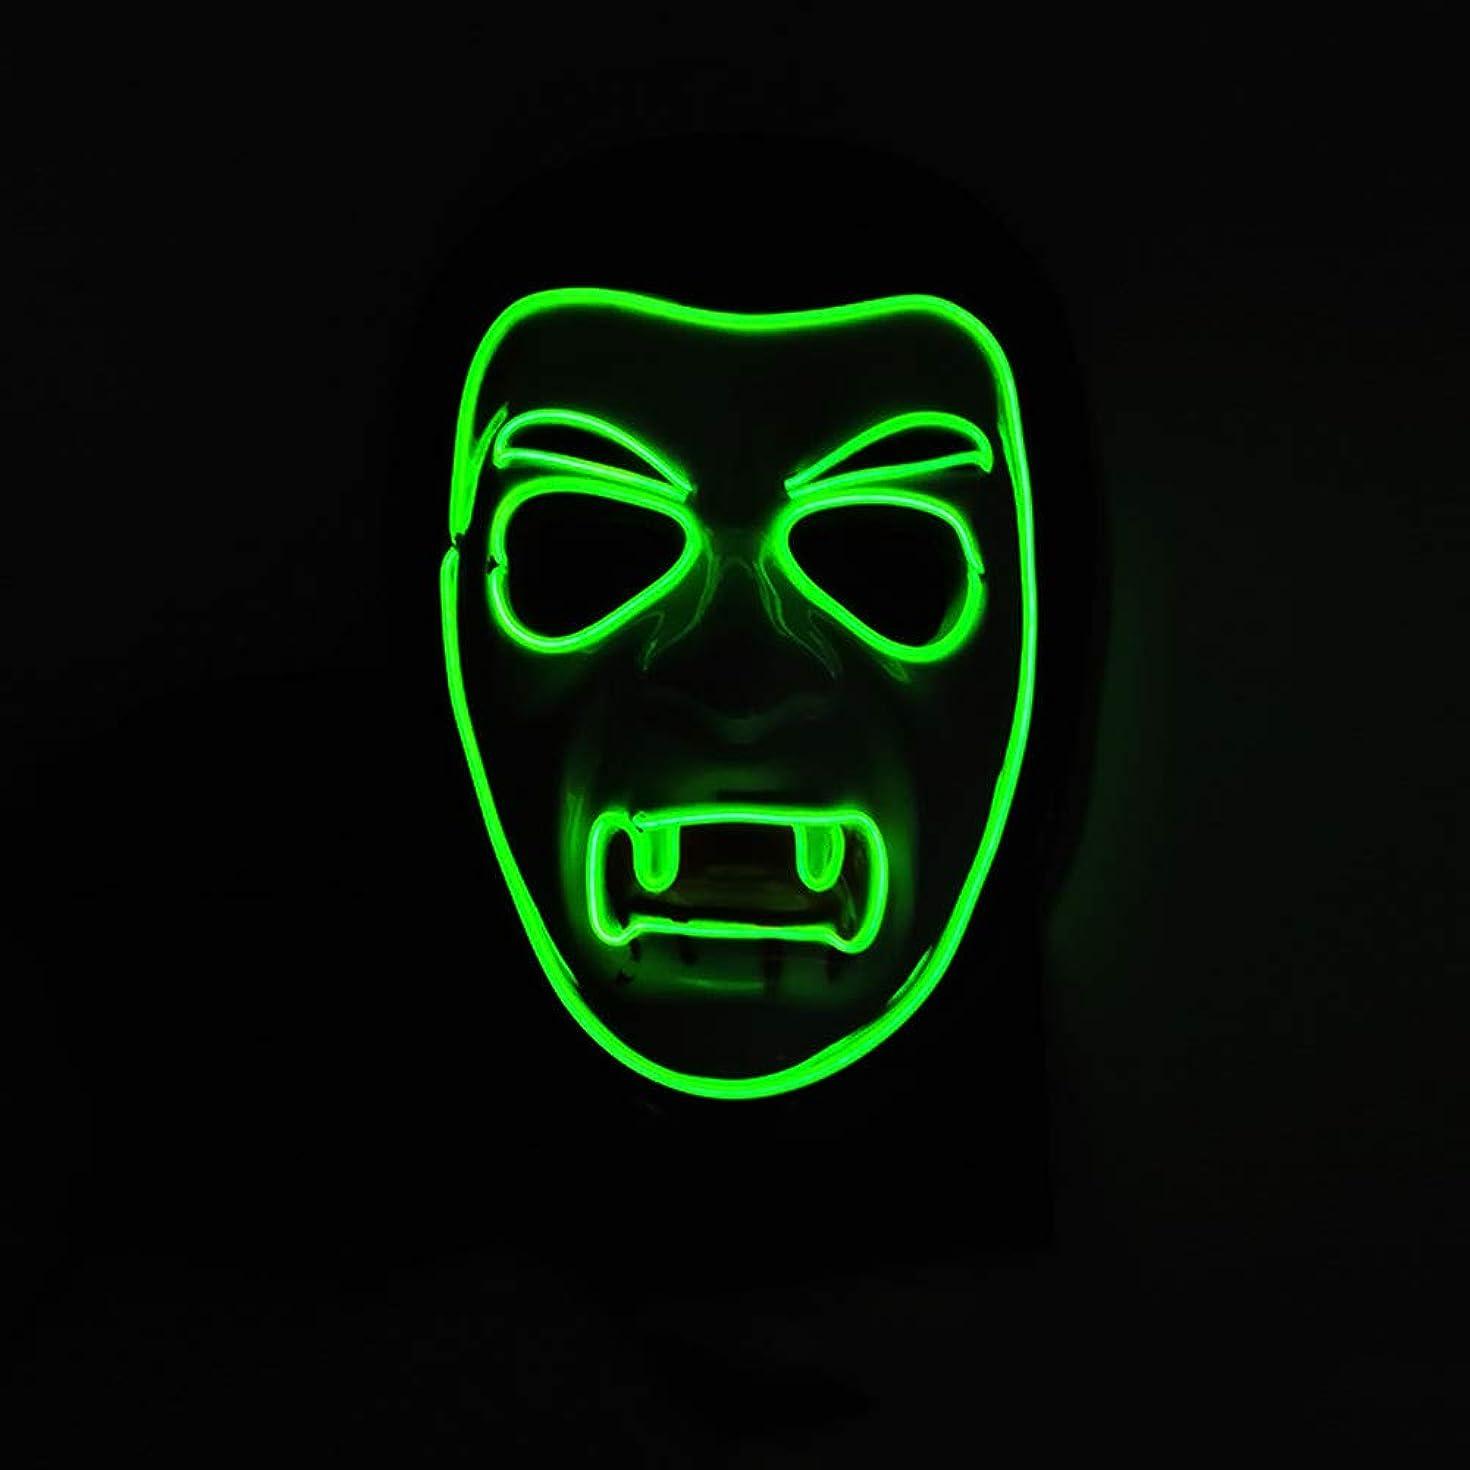 人物病なうねるハロウィン 吸血鬼 テロ イルミネーション LED マスク エル ワイヤー 化粧 プロム パーティー 装飾 マスク (18 * 18 * 9センチメートル) MAG.AL